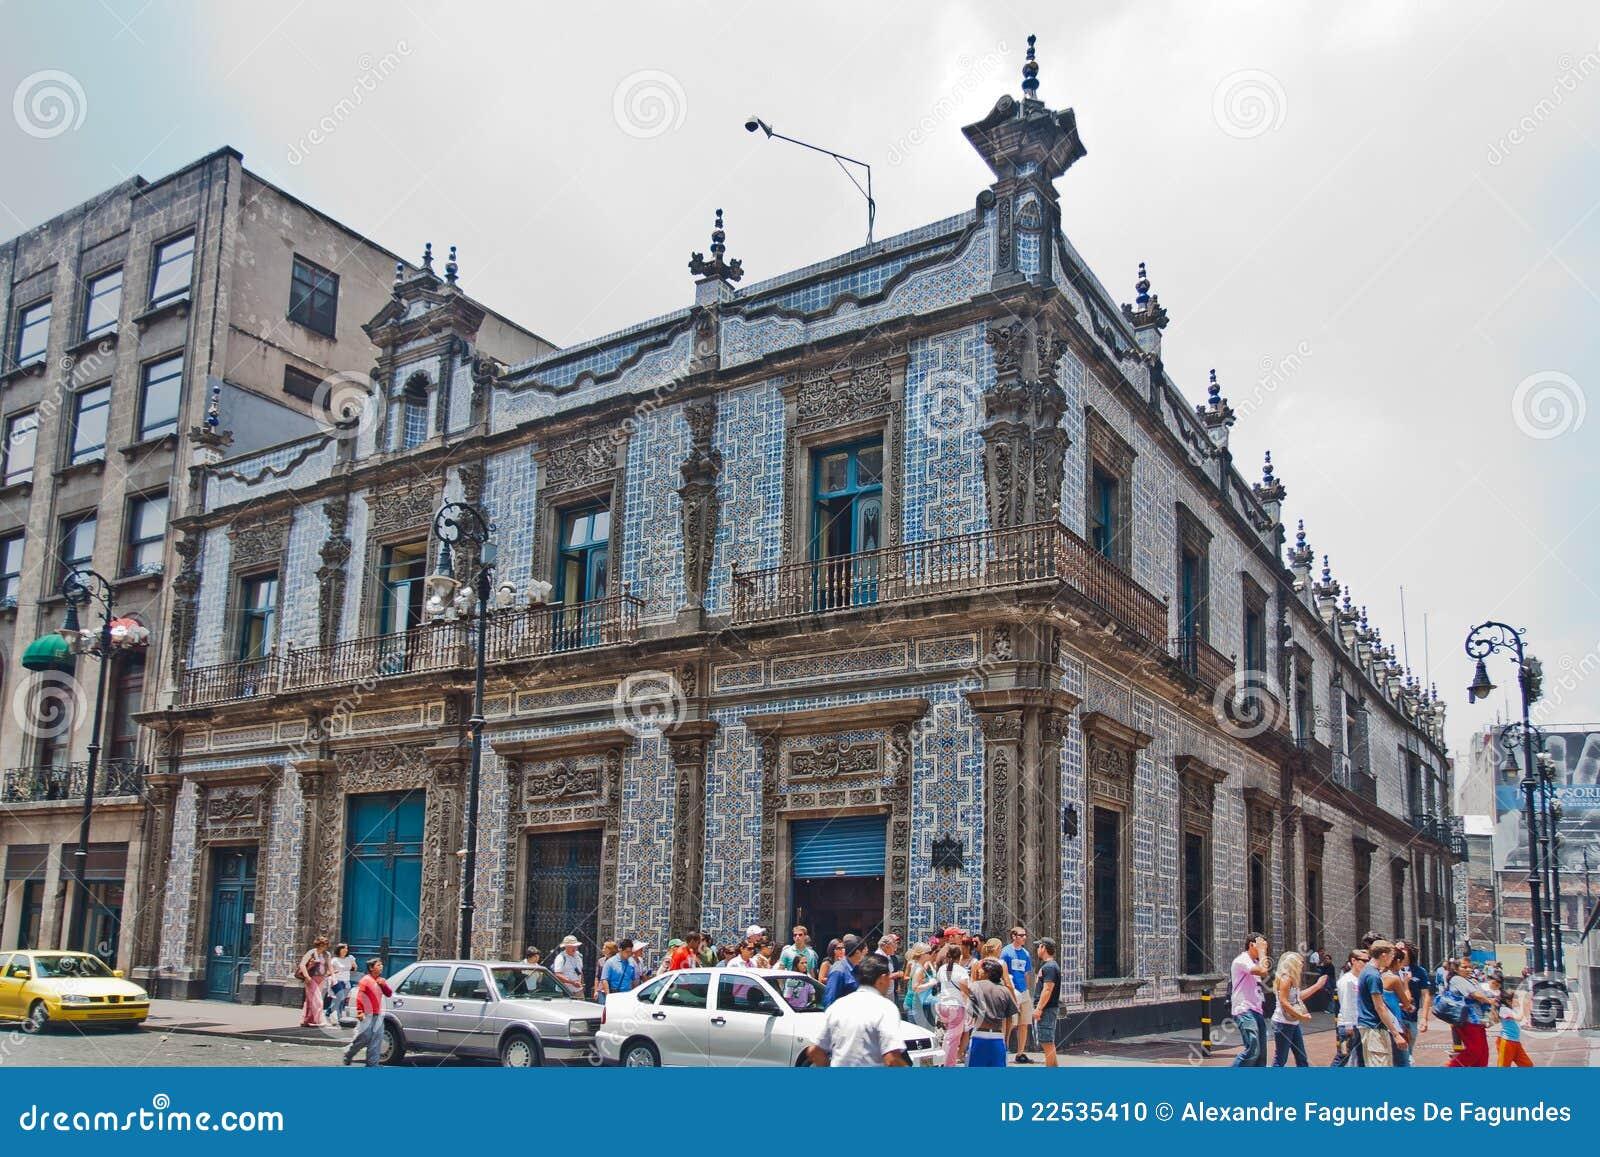 Casa de los azulejos mexico city editorial image image for Casa de los azulejos en mexico